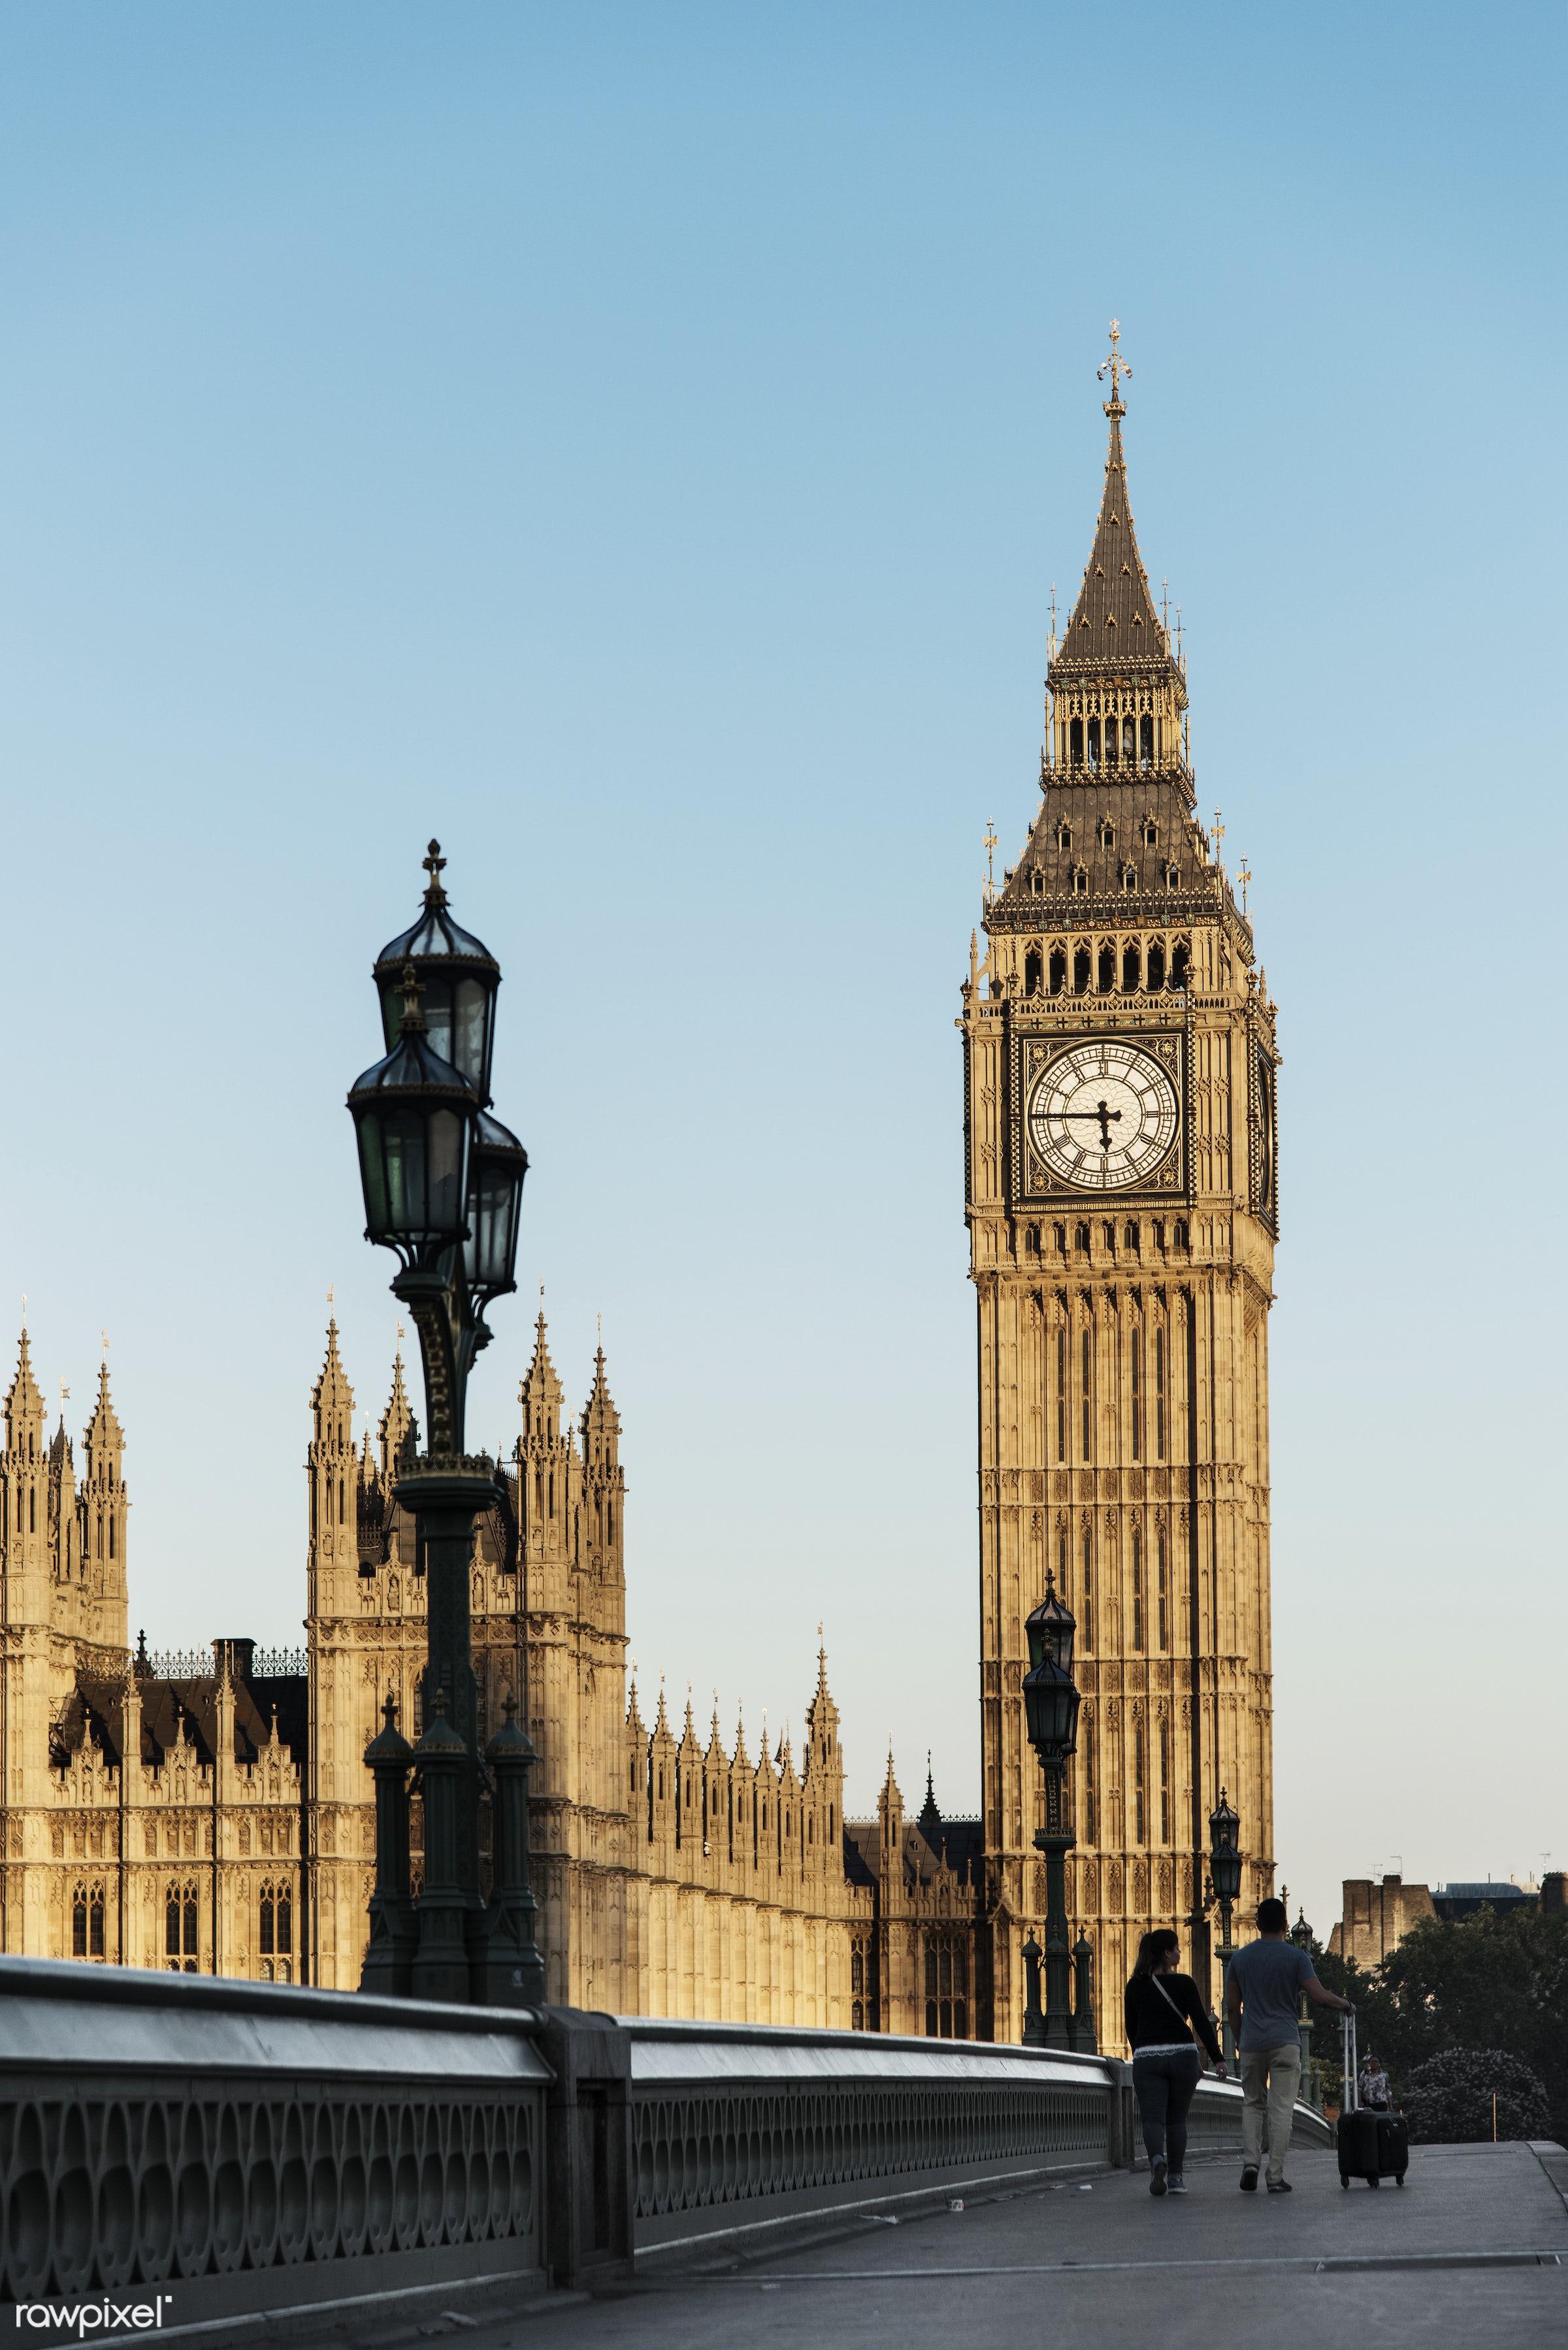 Big ben - architecture, big ben, bridge, britain, building, business, city, clock, confidence, confident, connection,...